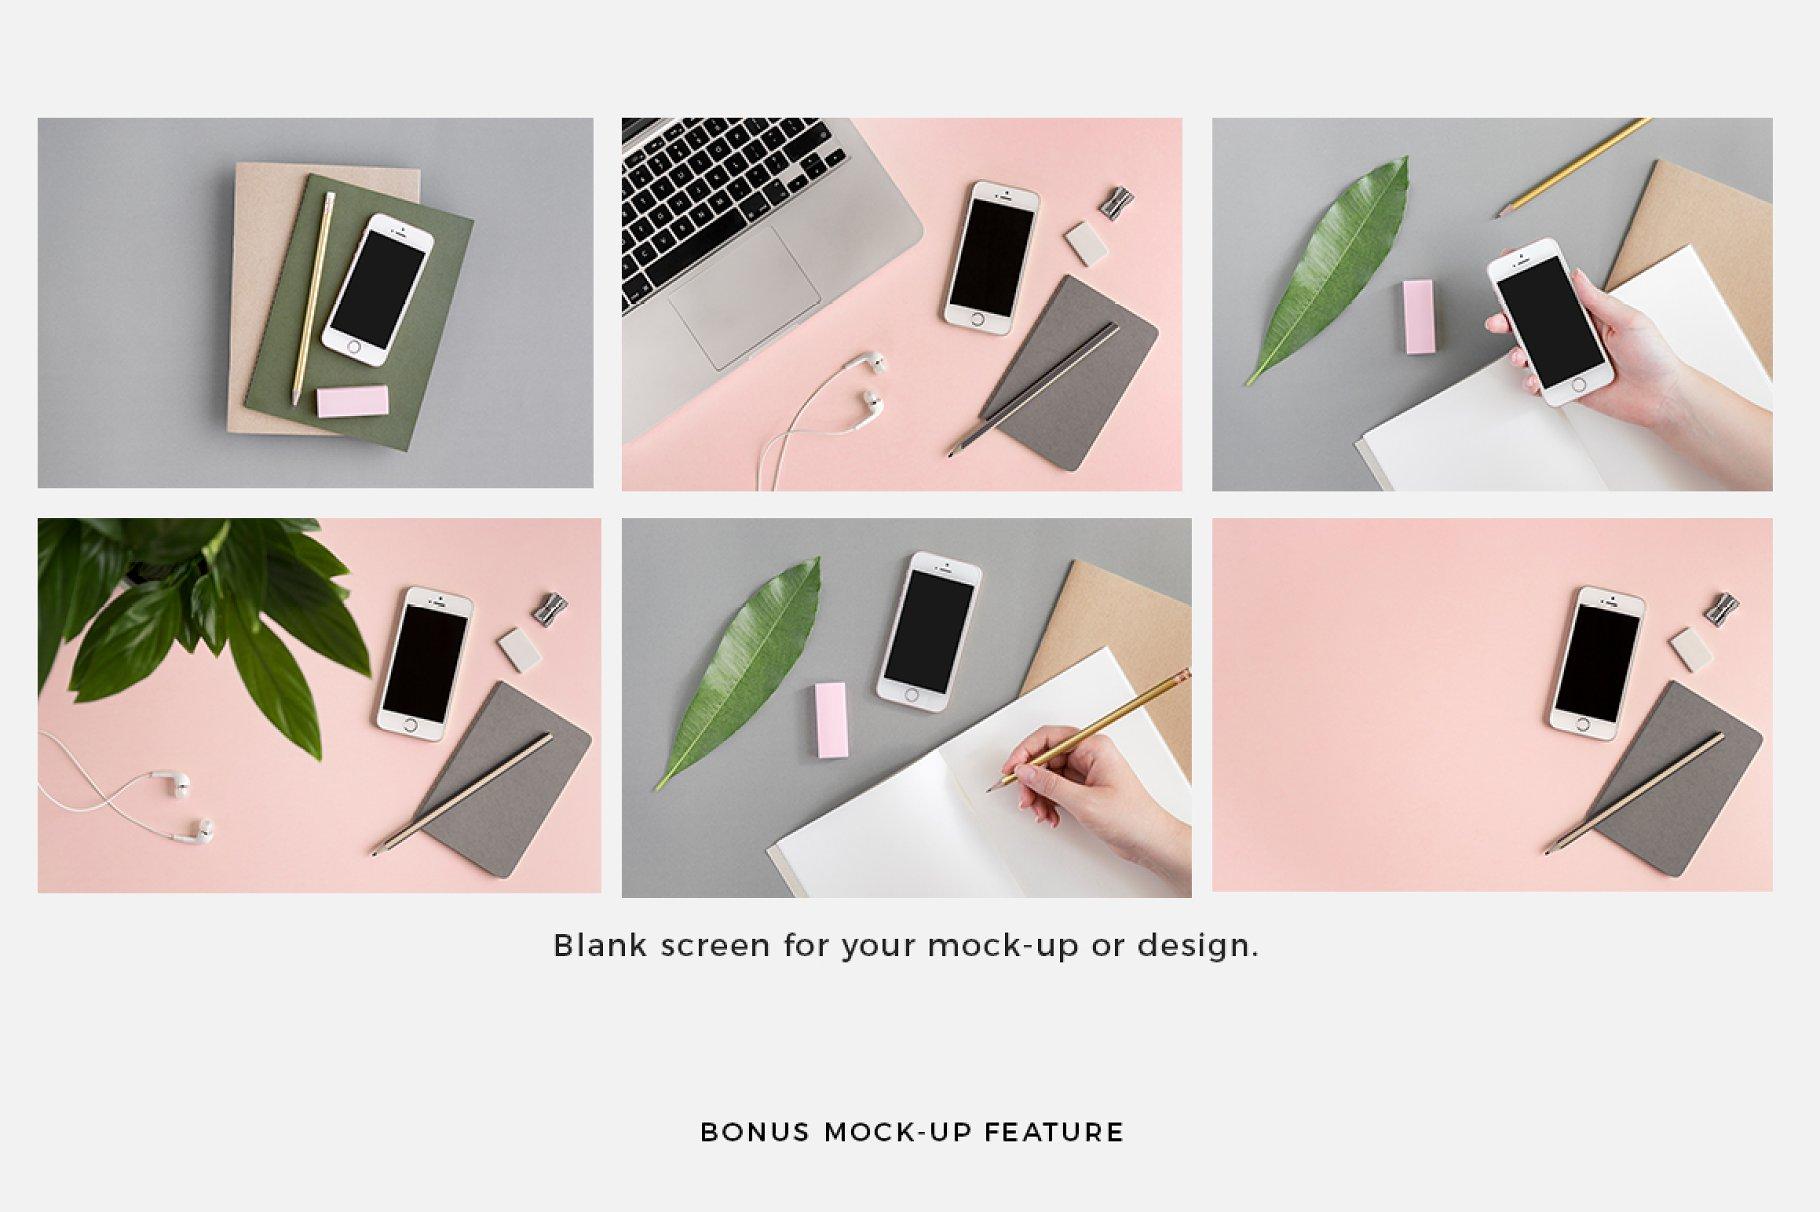 粉色柔和自适应网站界面设计苹果设备屏幕演示样机 Pink & Botanical Stock Photo Bundle插图7